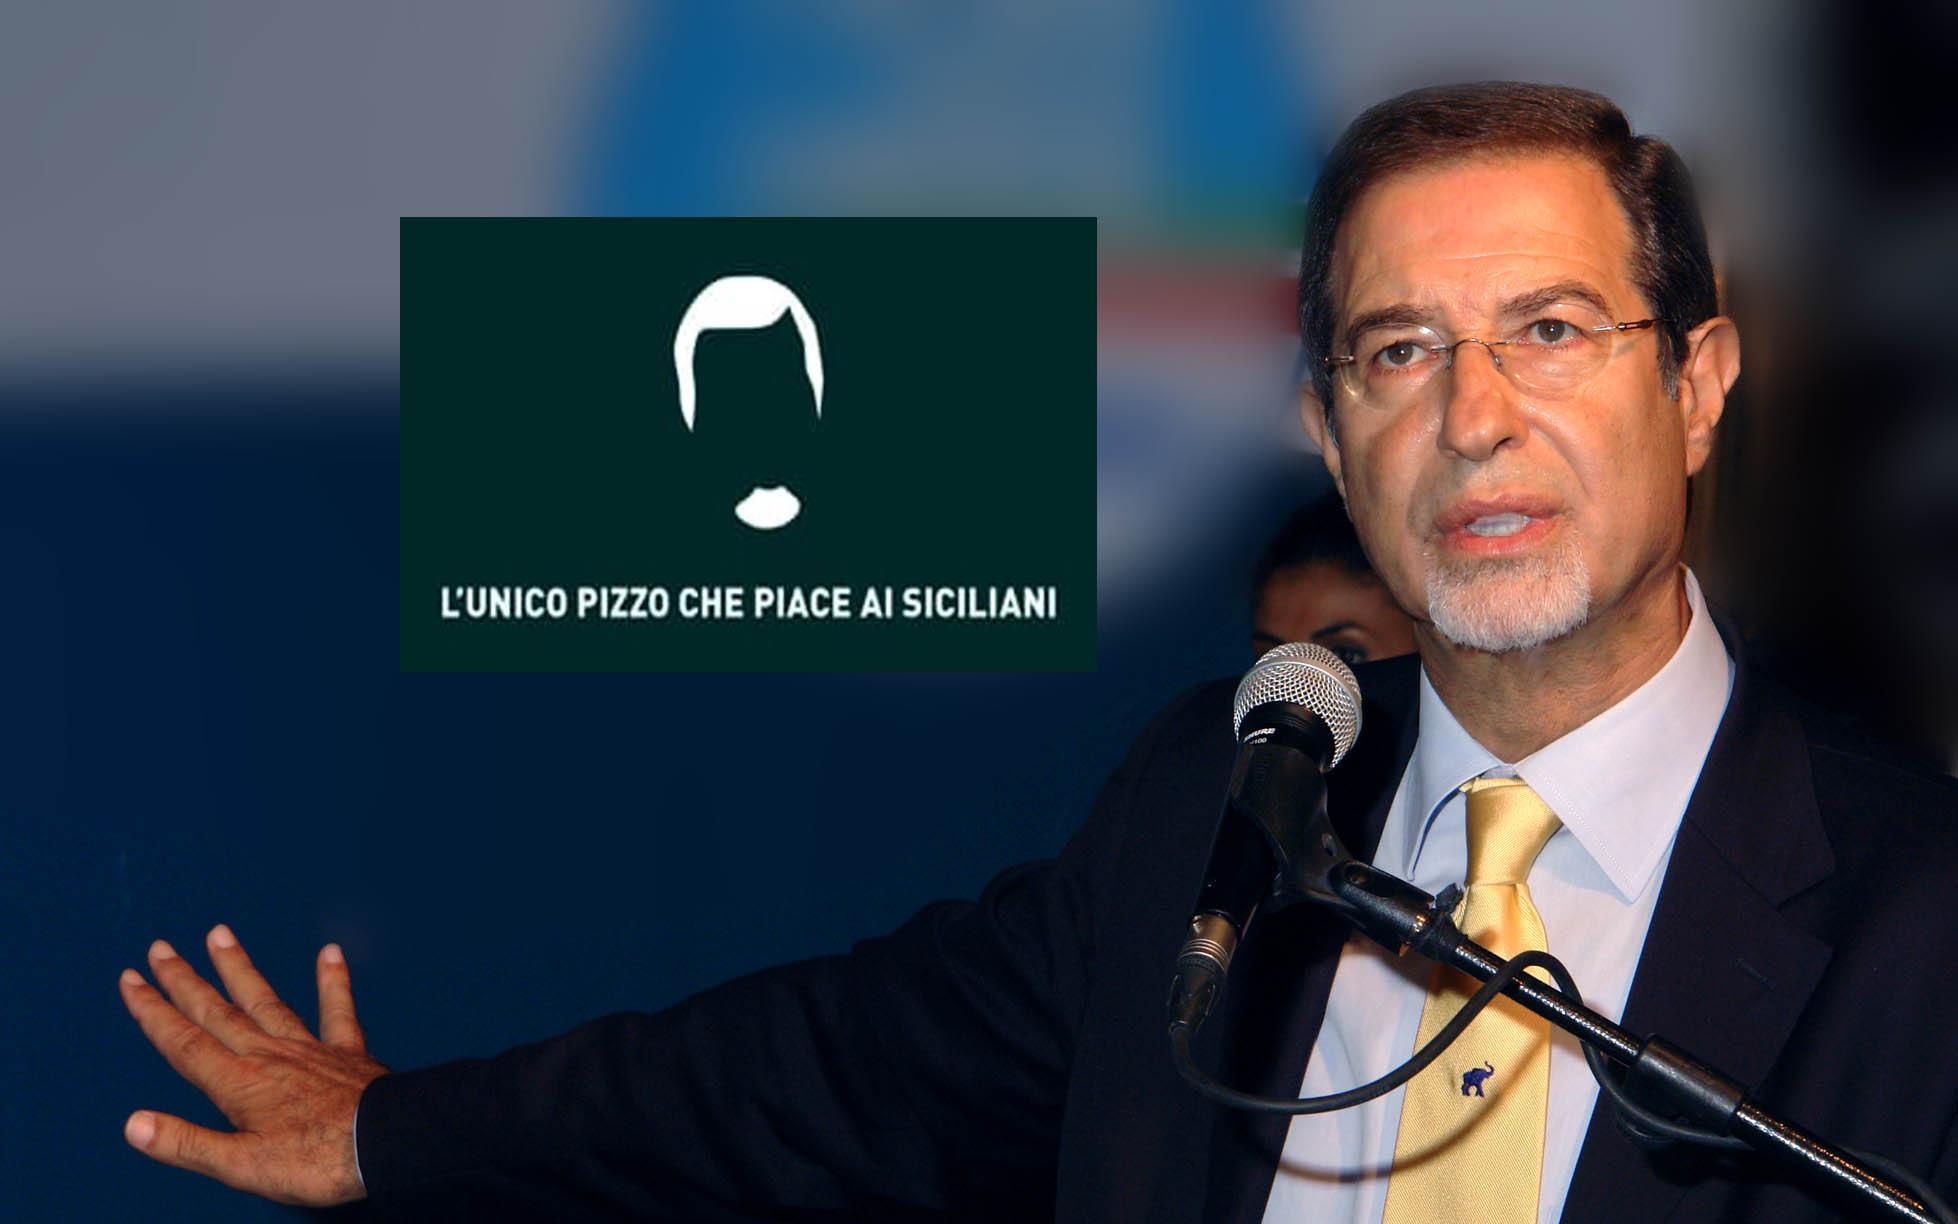 """""""L'unico pizzo che piace ai siciliani"""", Musumeci è sulle strade siciliane"""